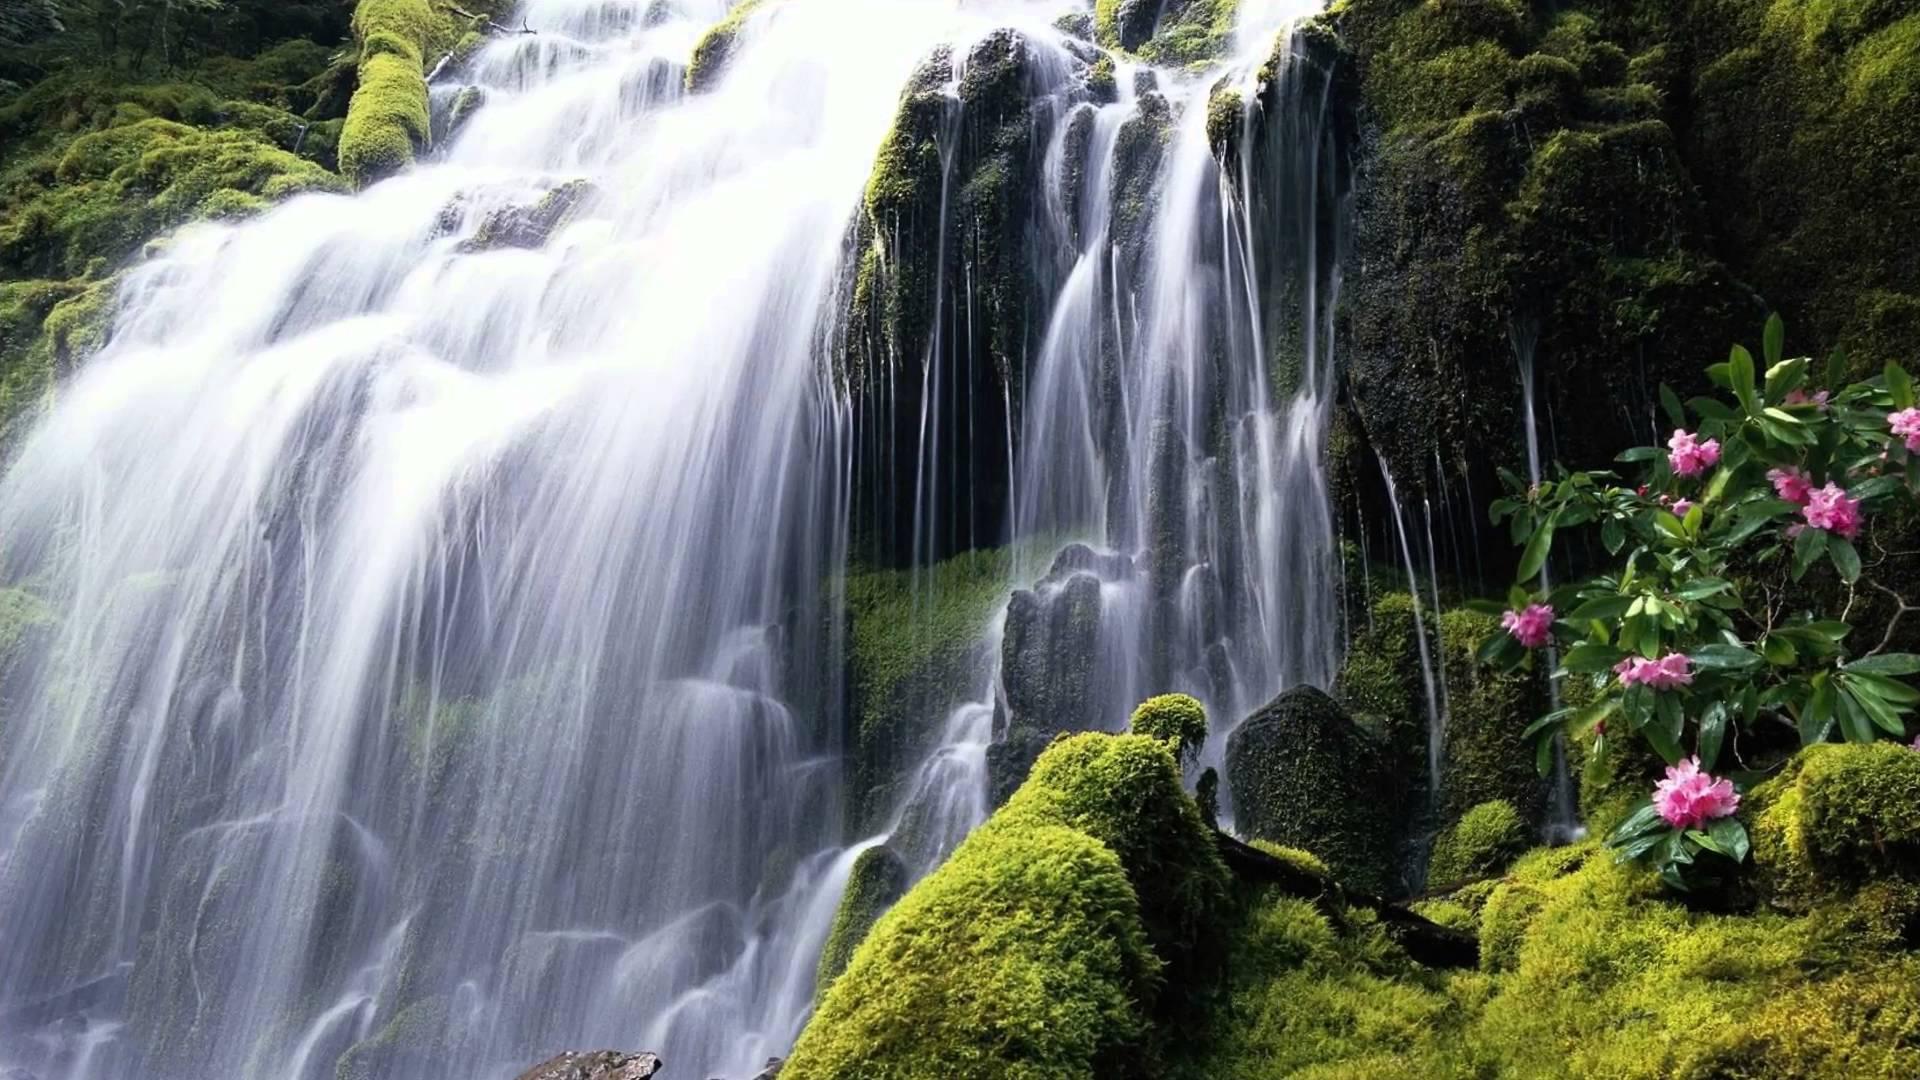 Hình nền phong cảnh thác nước hùng vĩ